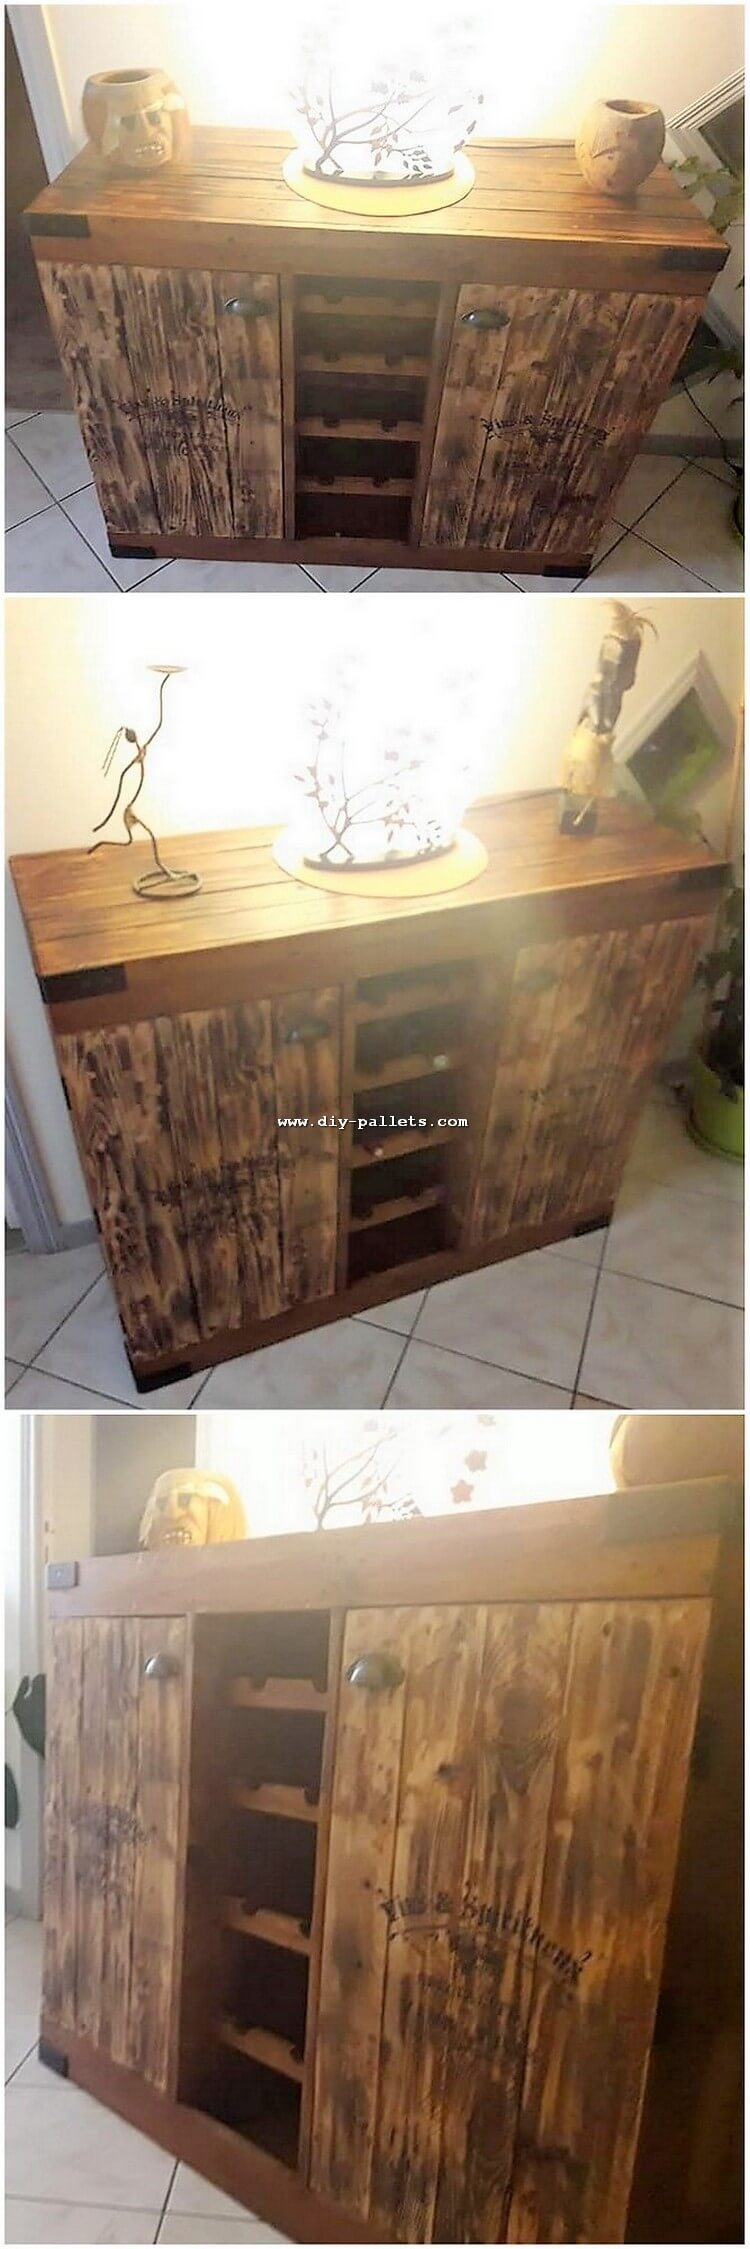 Old Pallet Cabinet